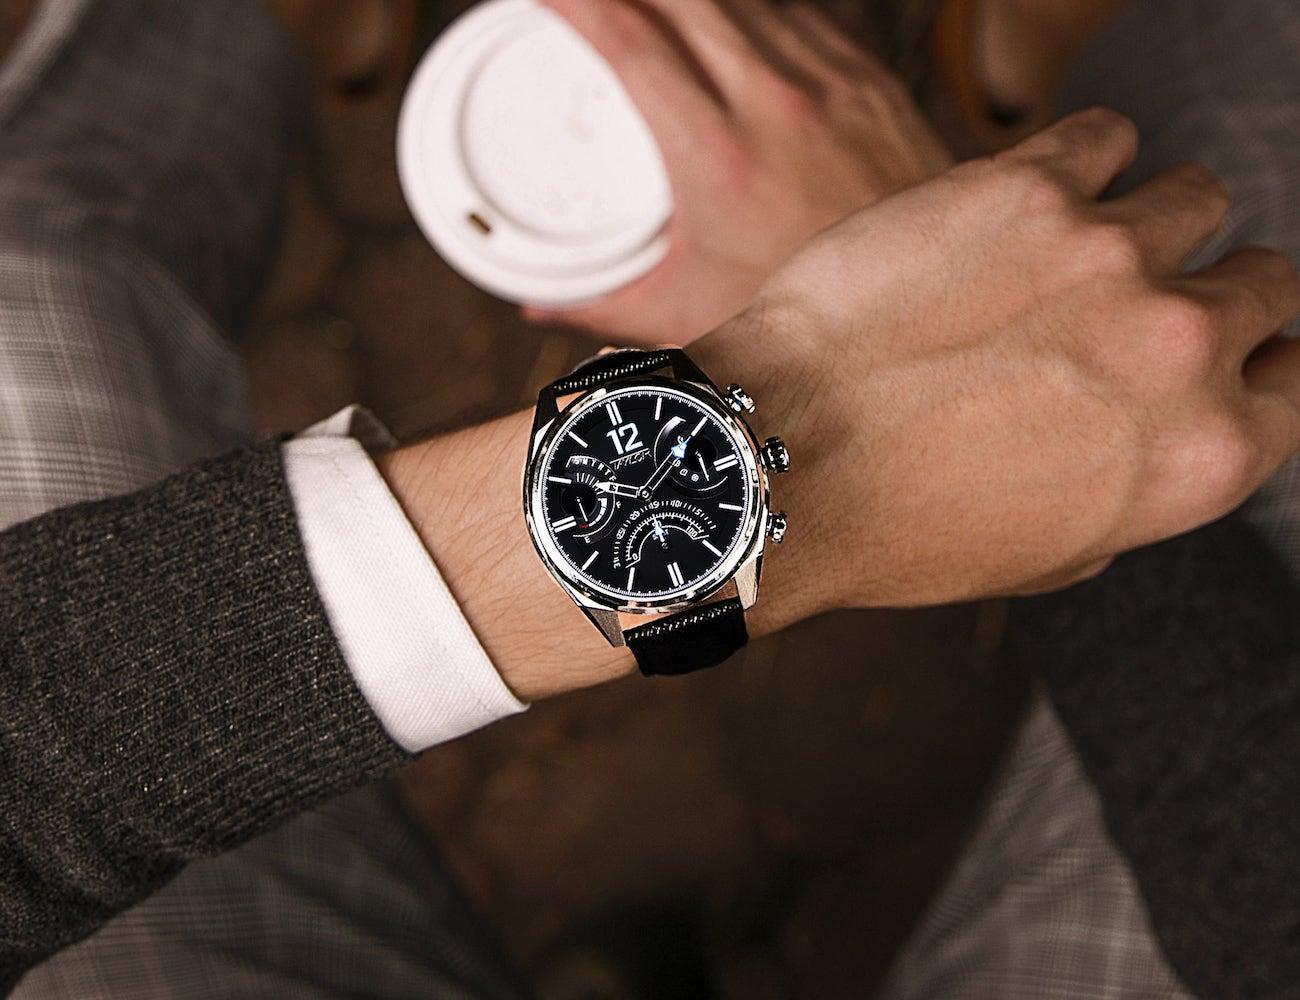 Pyra M Mechanical Smart Movement Watch